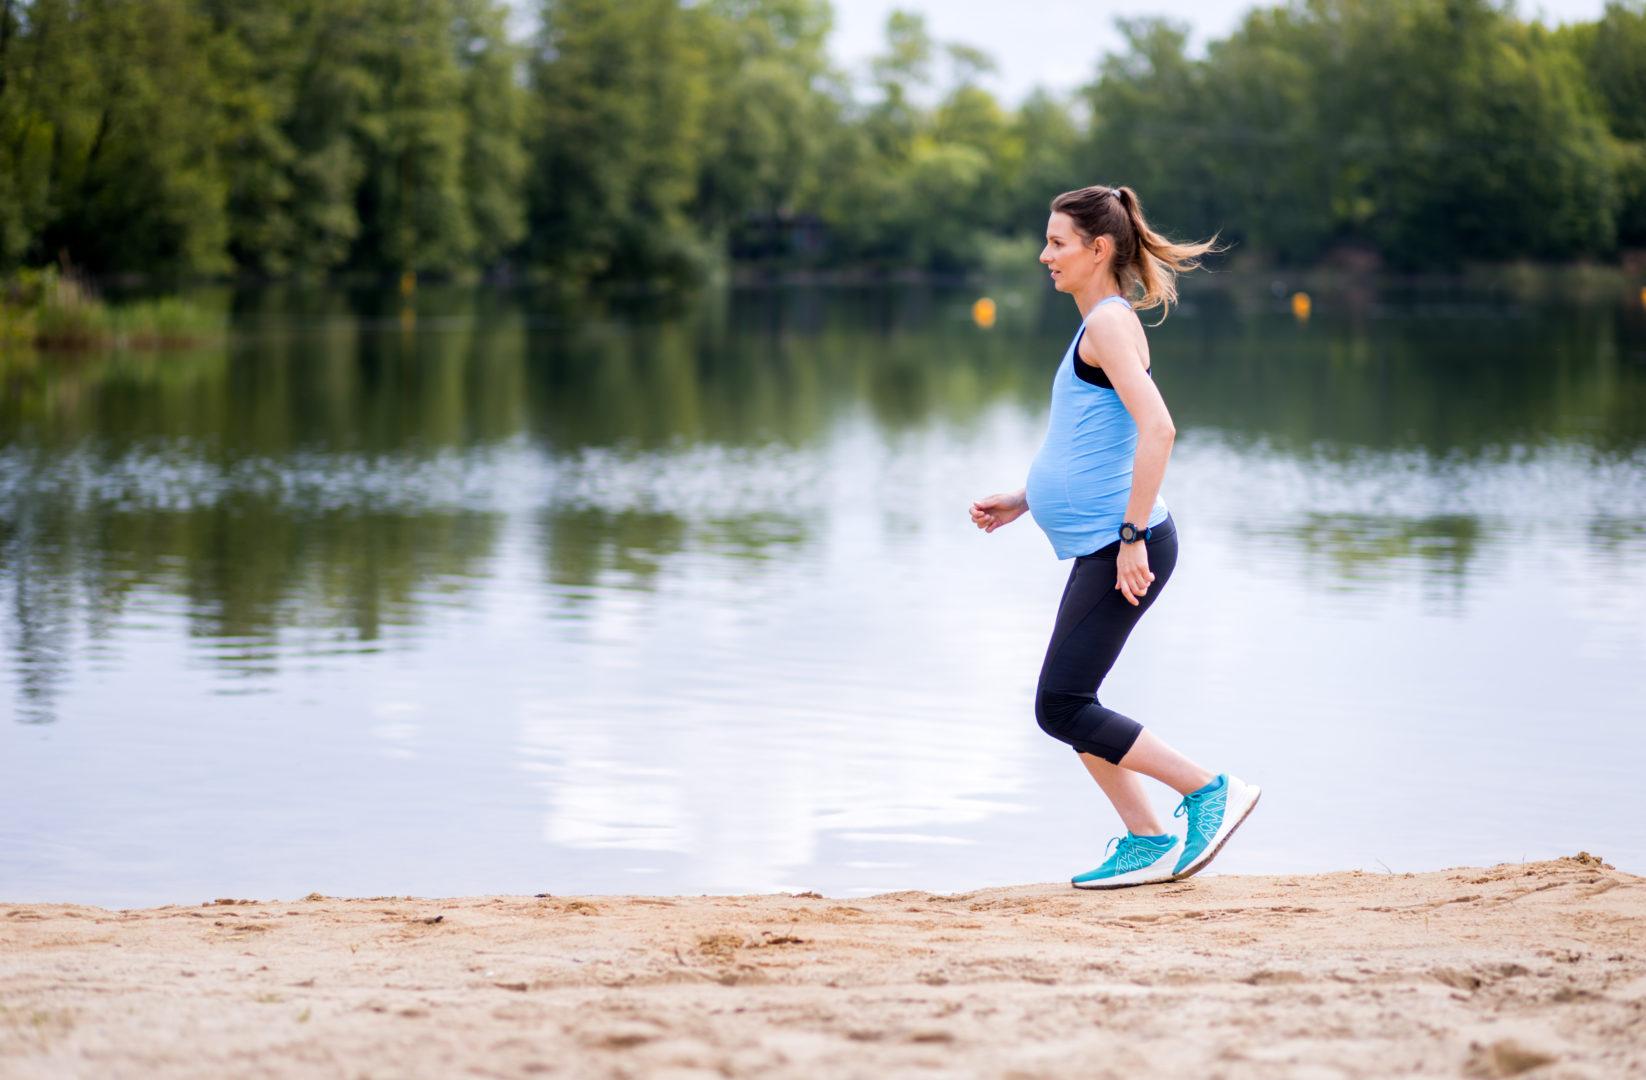 Kobieta biega, uprawia sport wciąży